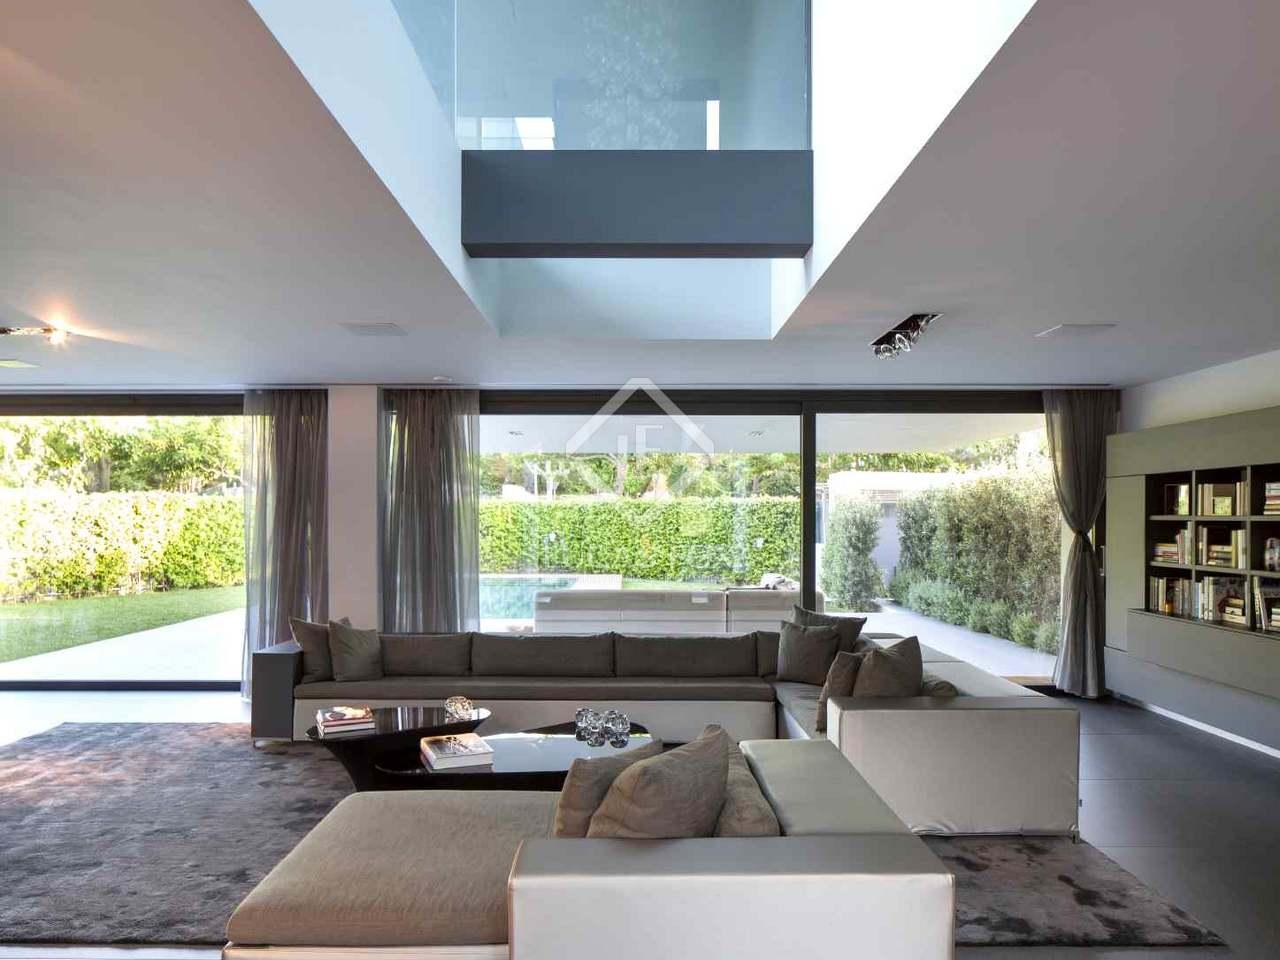 Casa de de 5 dormitorios en alquiler en sant cugat cerca de barcelona - Casas en alquiler cerca de barcelona ...